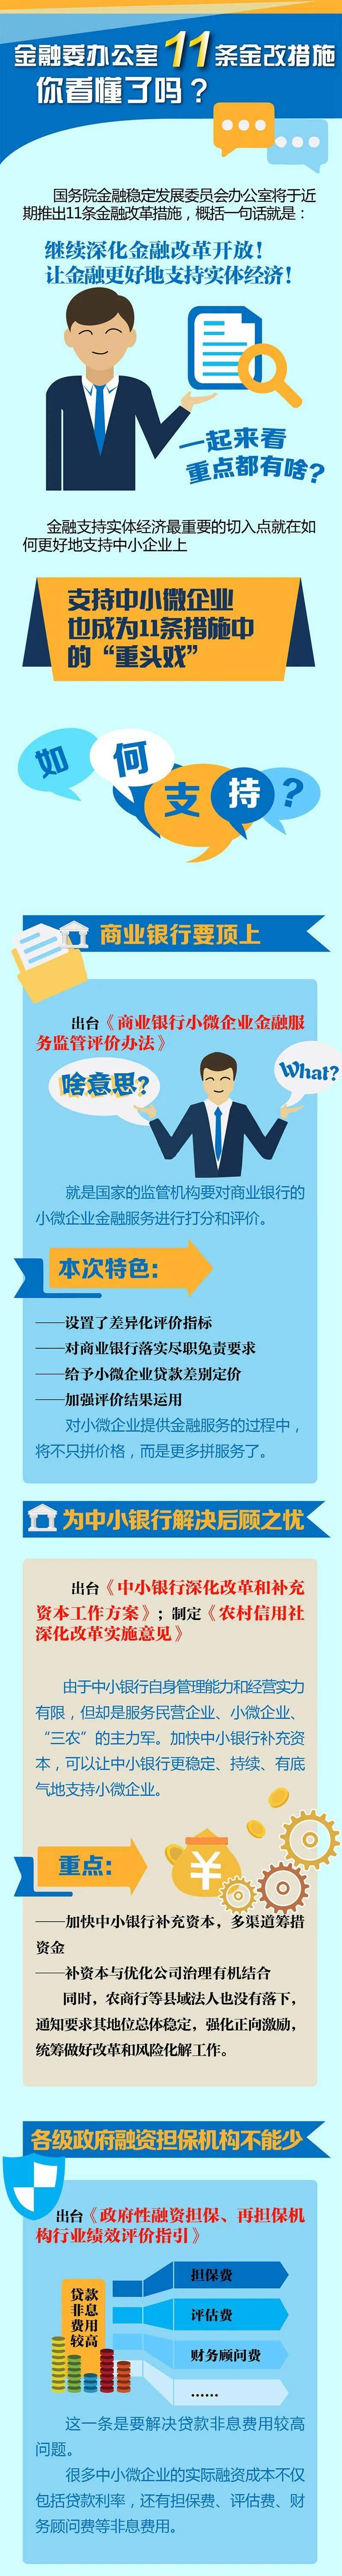 <b>异世并蒂双生莲金融委办公室11条金改措施重点都</b>